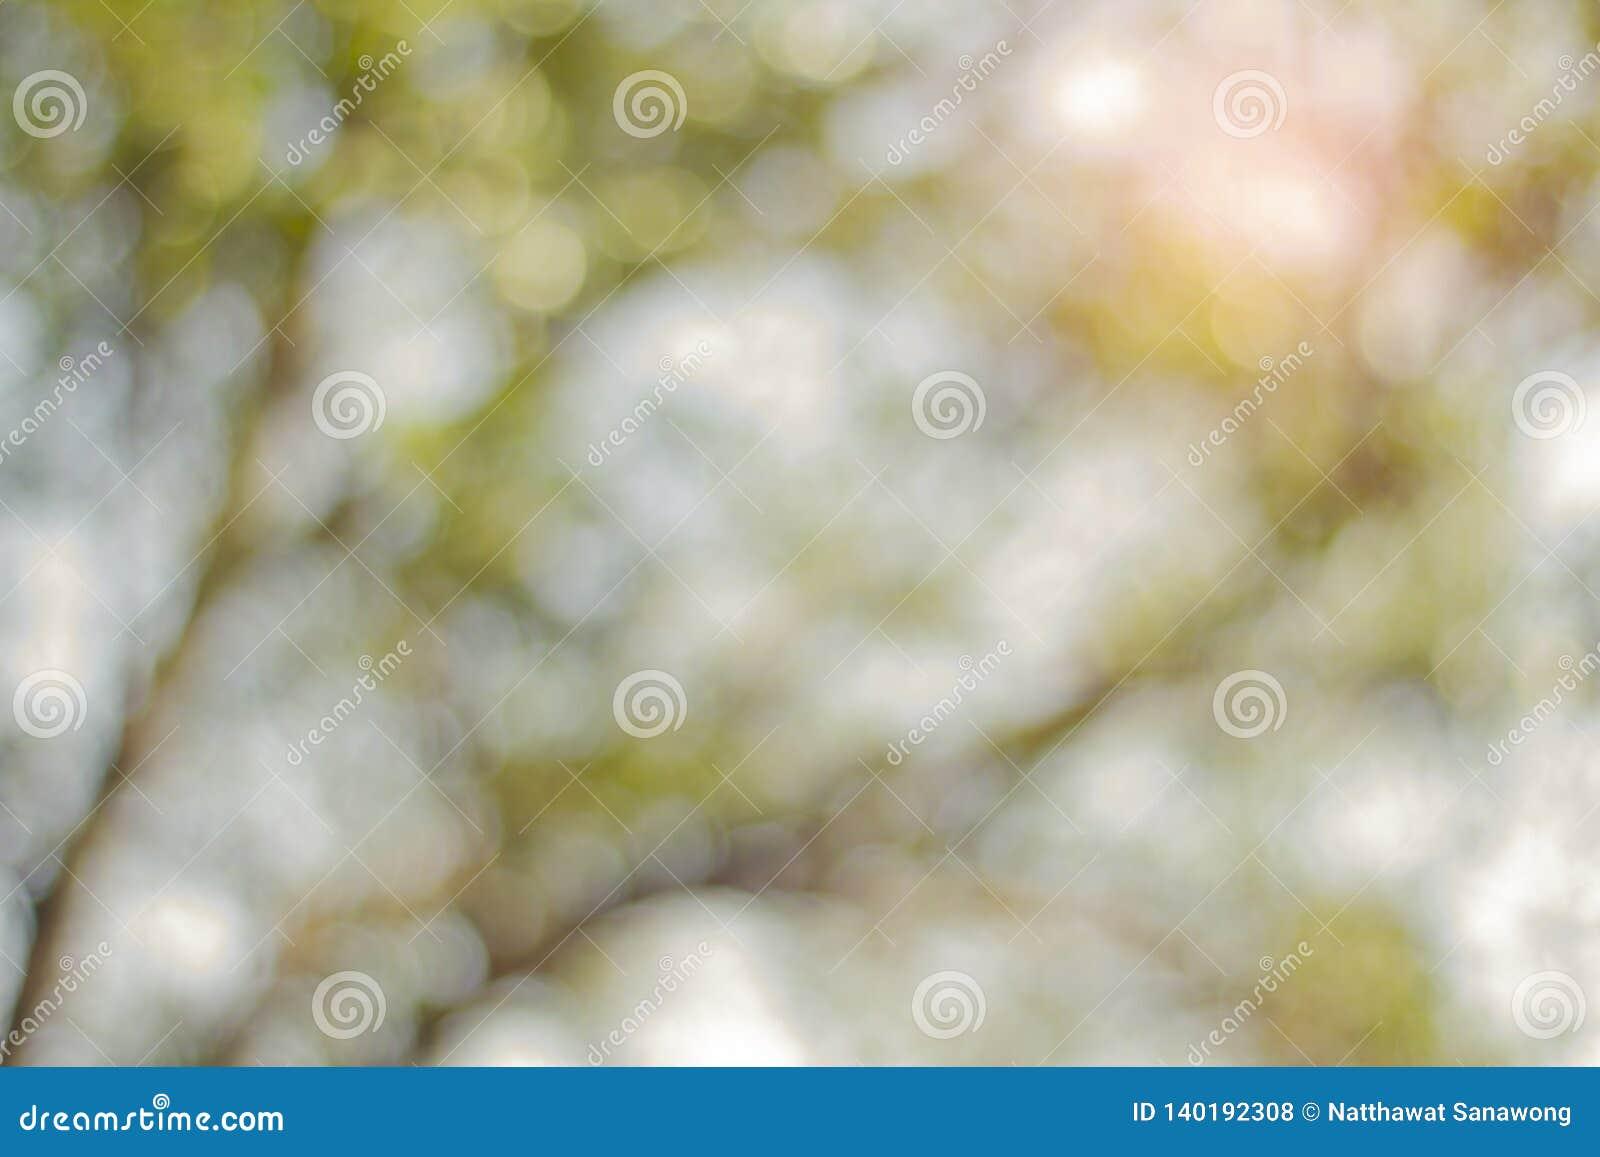 Bokeh azul abstracto, calidad visual de las áreas del hacia fuera-de-foco de una imagen fotográfica, especialmente según lo rendi